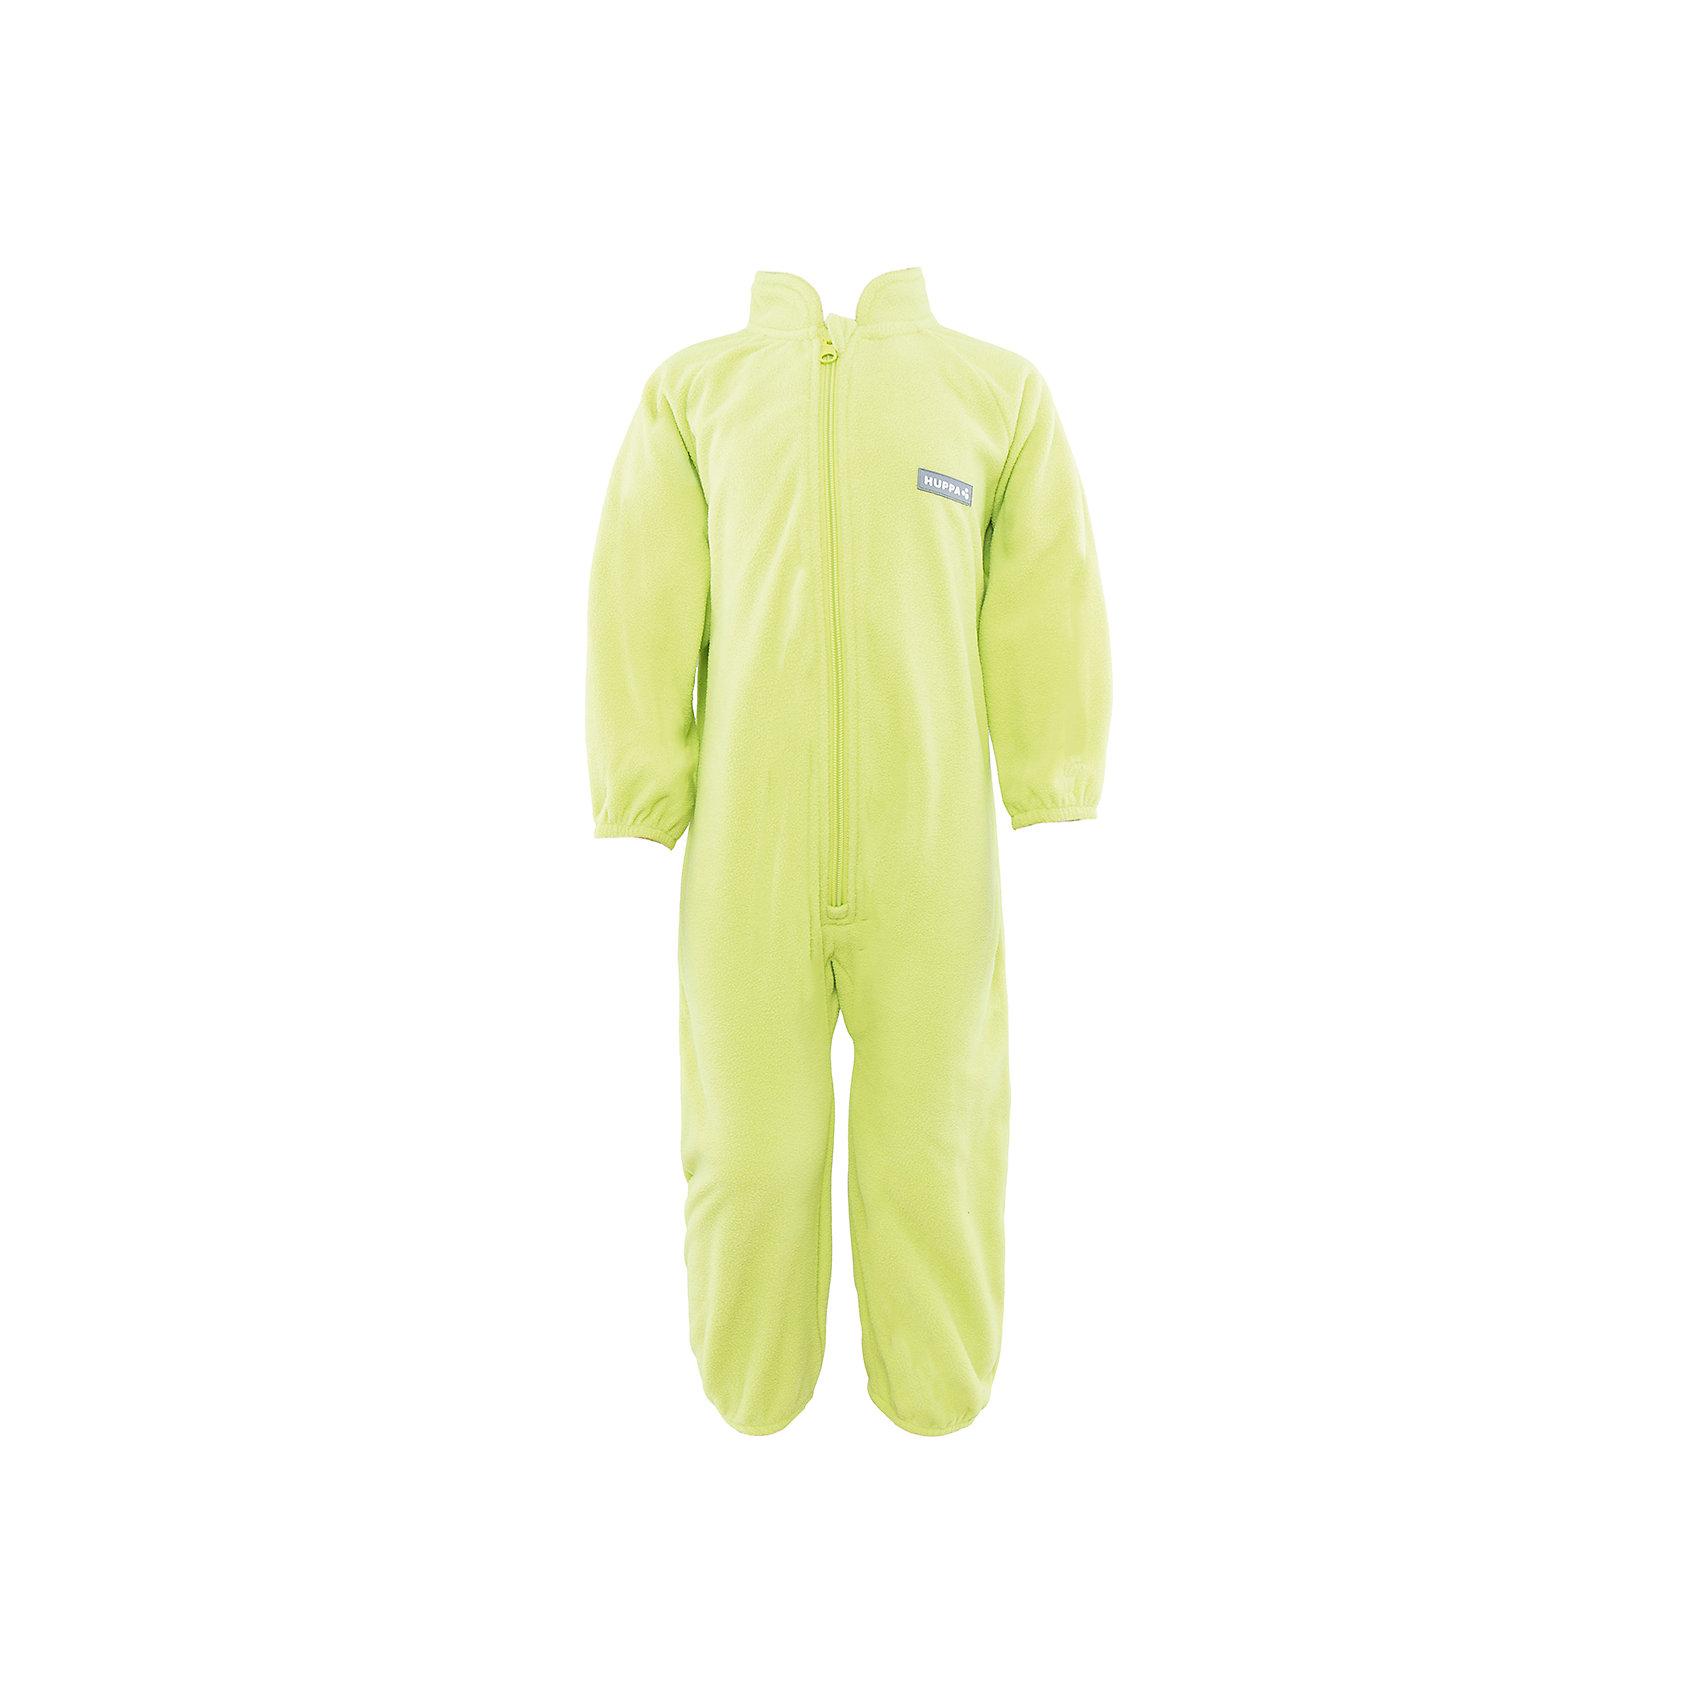 Комбинезон флисовый  HuppaФлисовый комбинезон ROLAND Huppa(Хуппа) имеет высокий воротник и застегивается на молнию. На манжетах есть резинки, надежно защищающие малыша от попадания ветра под одежду. Комбинезон достаточно теплый и отлично подойдет в качестве промежуточного слоя в одежде в зимнее время или как верхняя одежда весной-осенью.<br><br>Дополнительная информация:<br>Материал: 100% полиэстер<br>Цвет: салатовый<br><br>Флисовый комбинезон ROLAND Huppa(Хуппа) вы можете приобрести в нашем интернет-магазине.<br><br>Ширина мм: 356<br>Глубина мм: 10<br>Высота мм: 245<br>Вес г: 519<br>Цвет: зеленый<br>Возраст от месяцев: 12<br>Возраст до месяцев: 18<br>Пол: Унисекс<br>Возраст: Детский<br>Размер: 86,116,110,104,98,92<br>SKU: 4928539